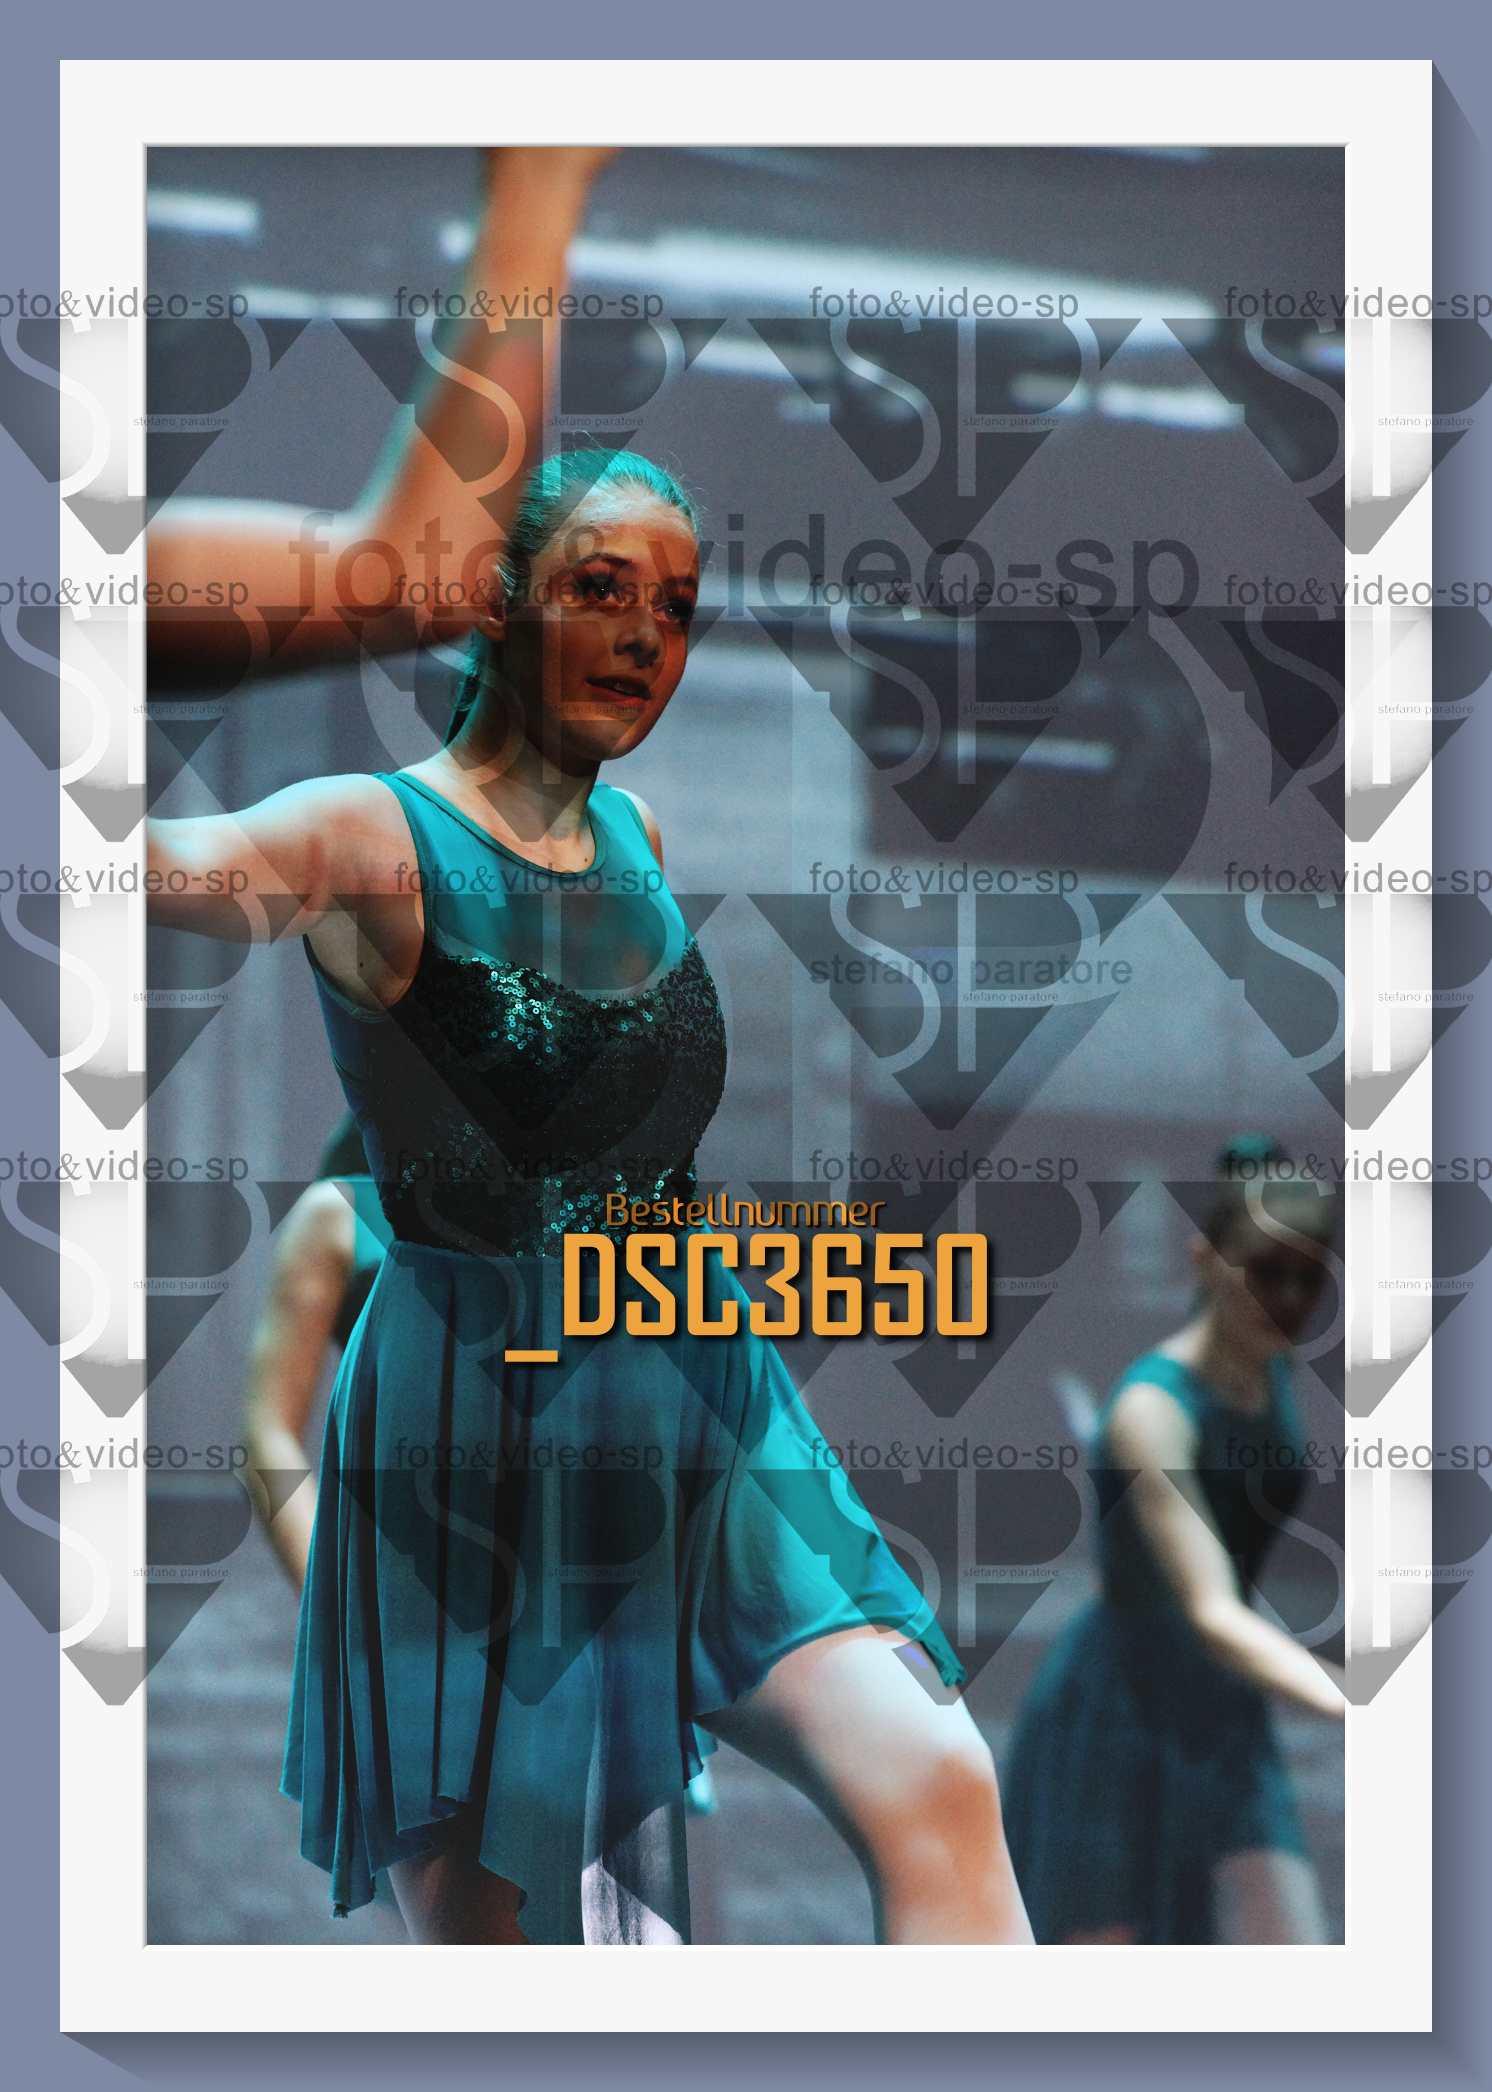 DSC3650